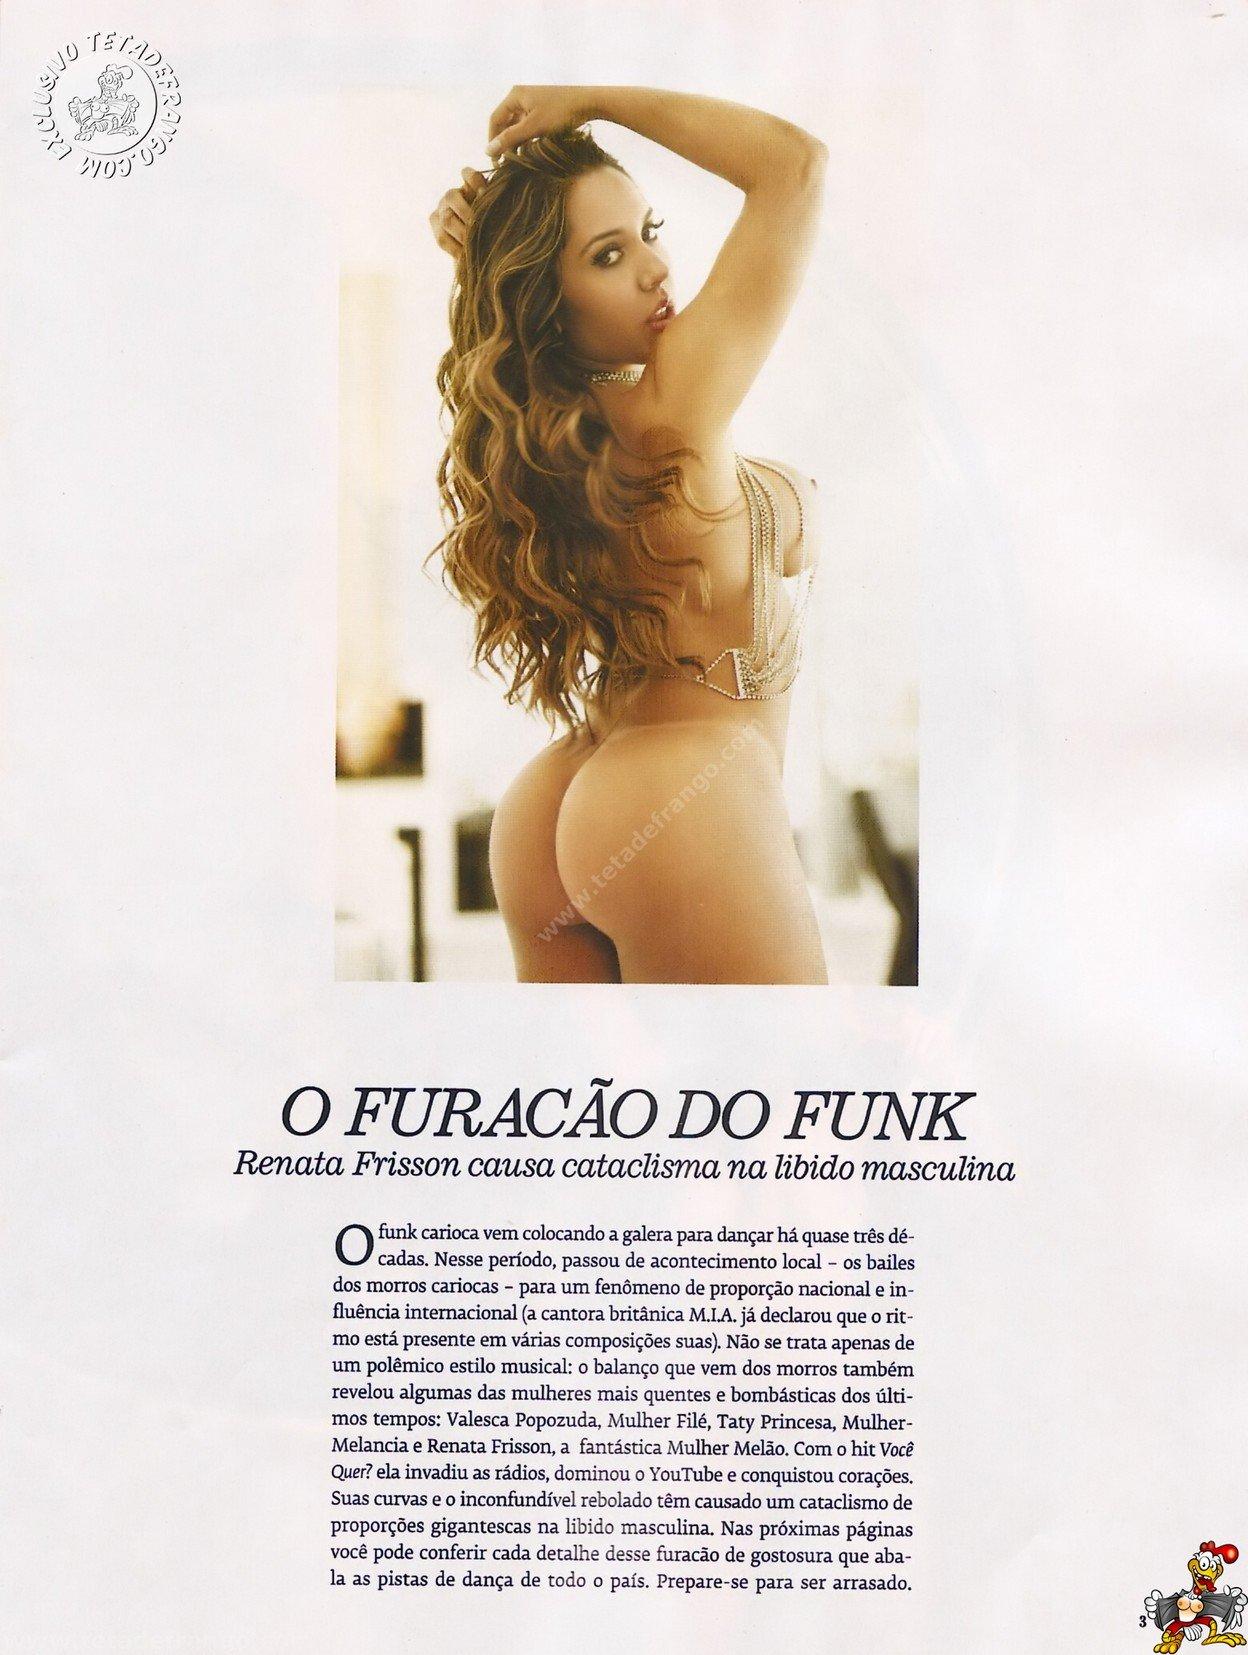 Fotos Playboy Mulher Melão Renata Frisson (2)